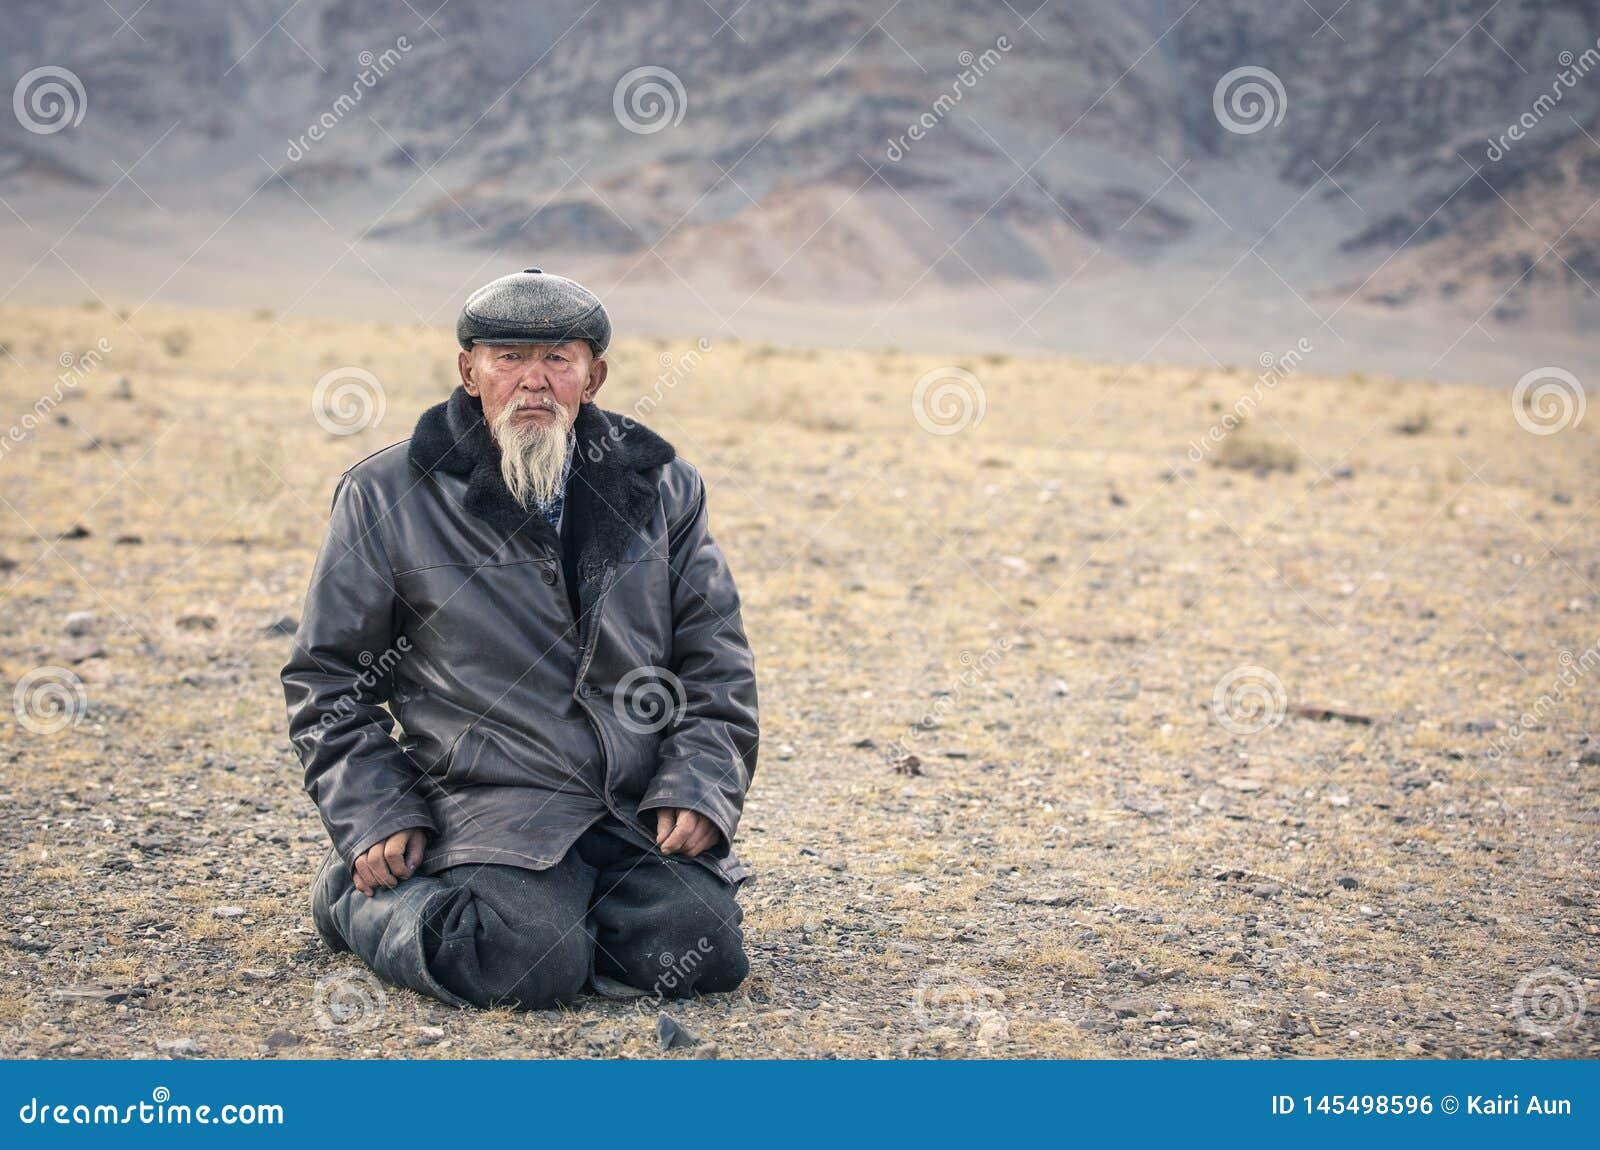 old-white-bearded-mongolian-man-landscap